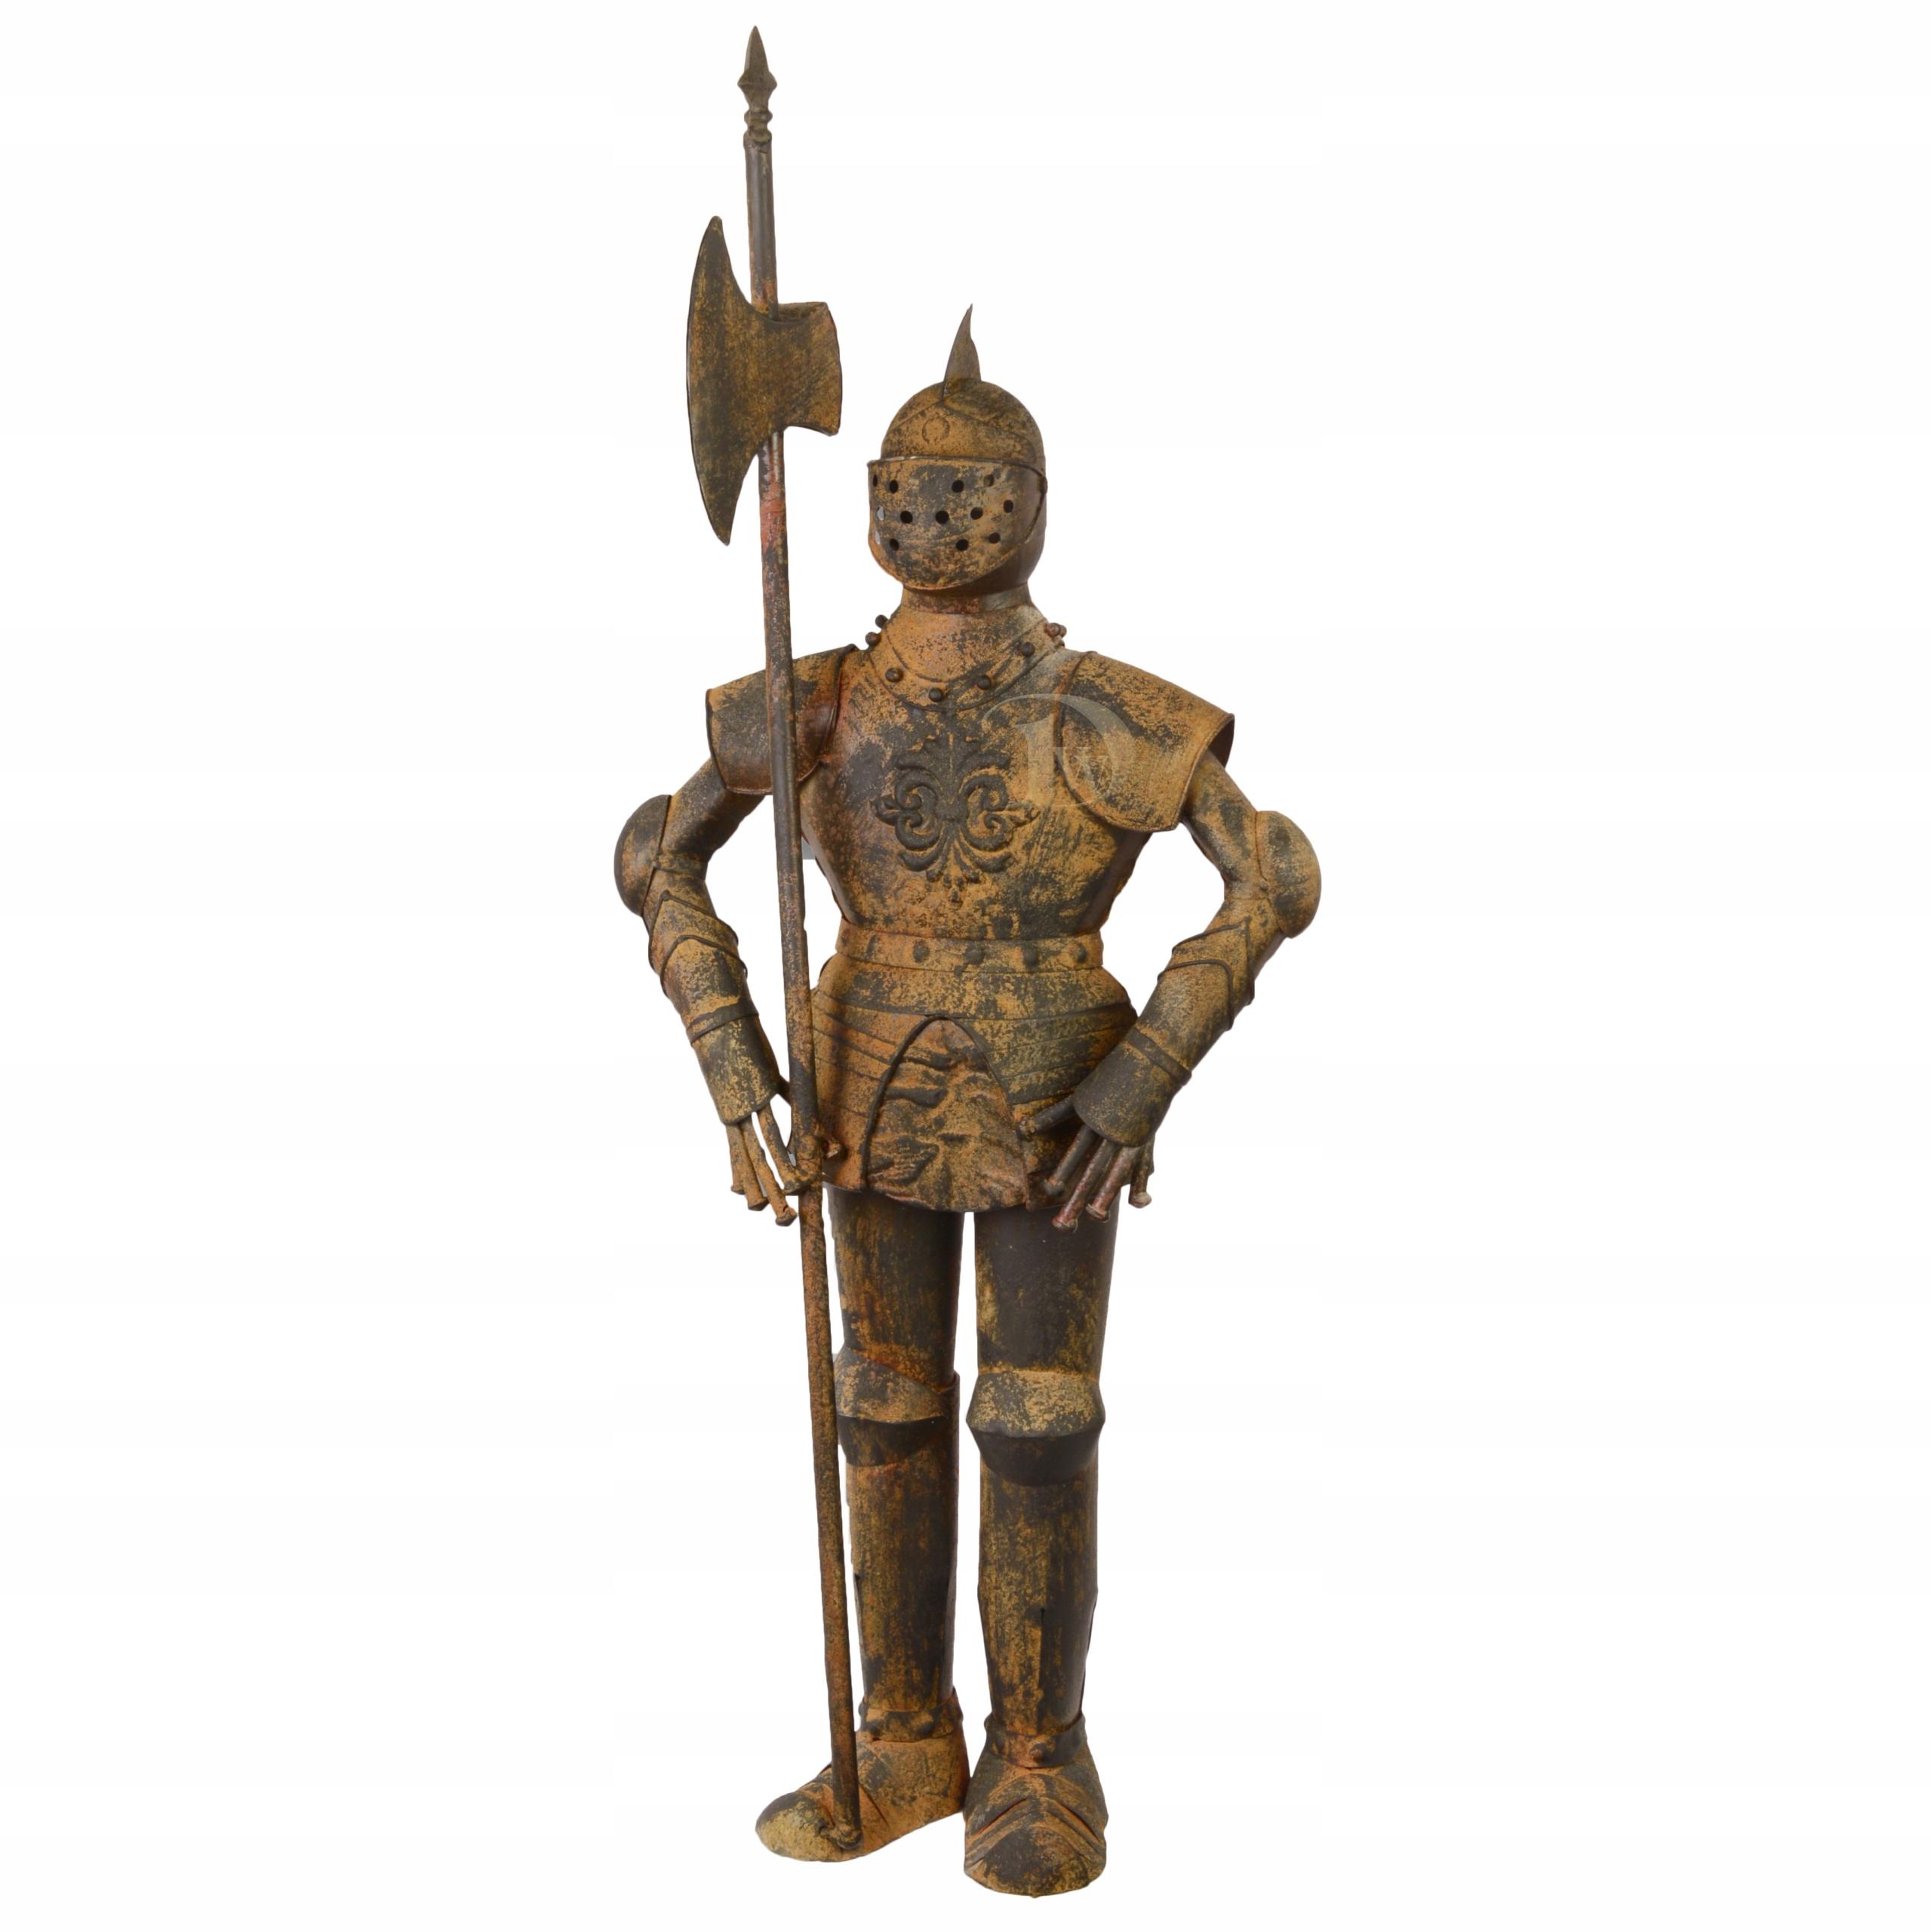 Armor, Malý Rytier, Brnenie, Rytier, Trochu ,Vintage